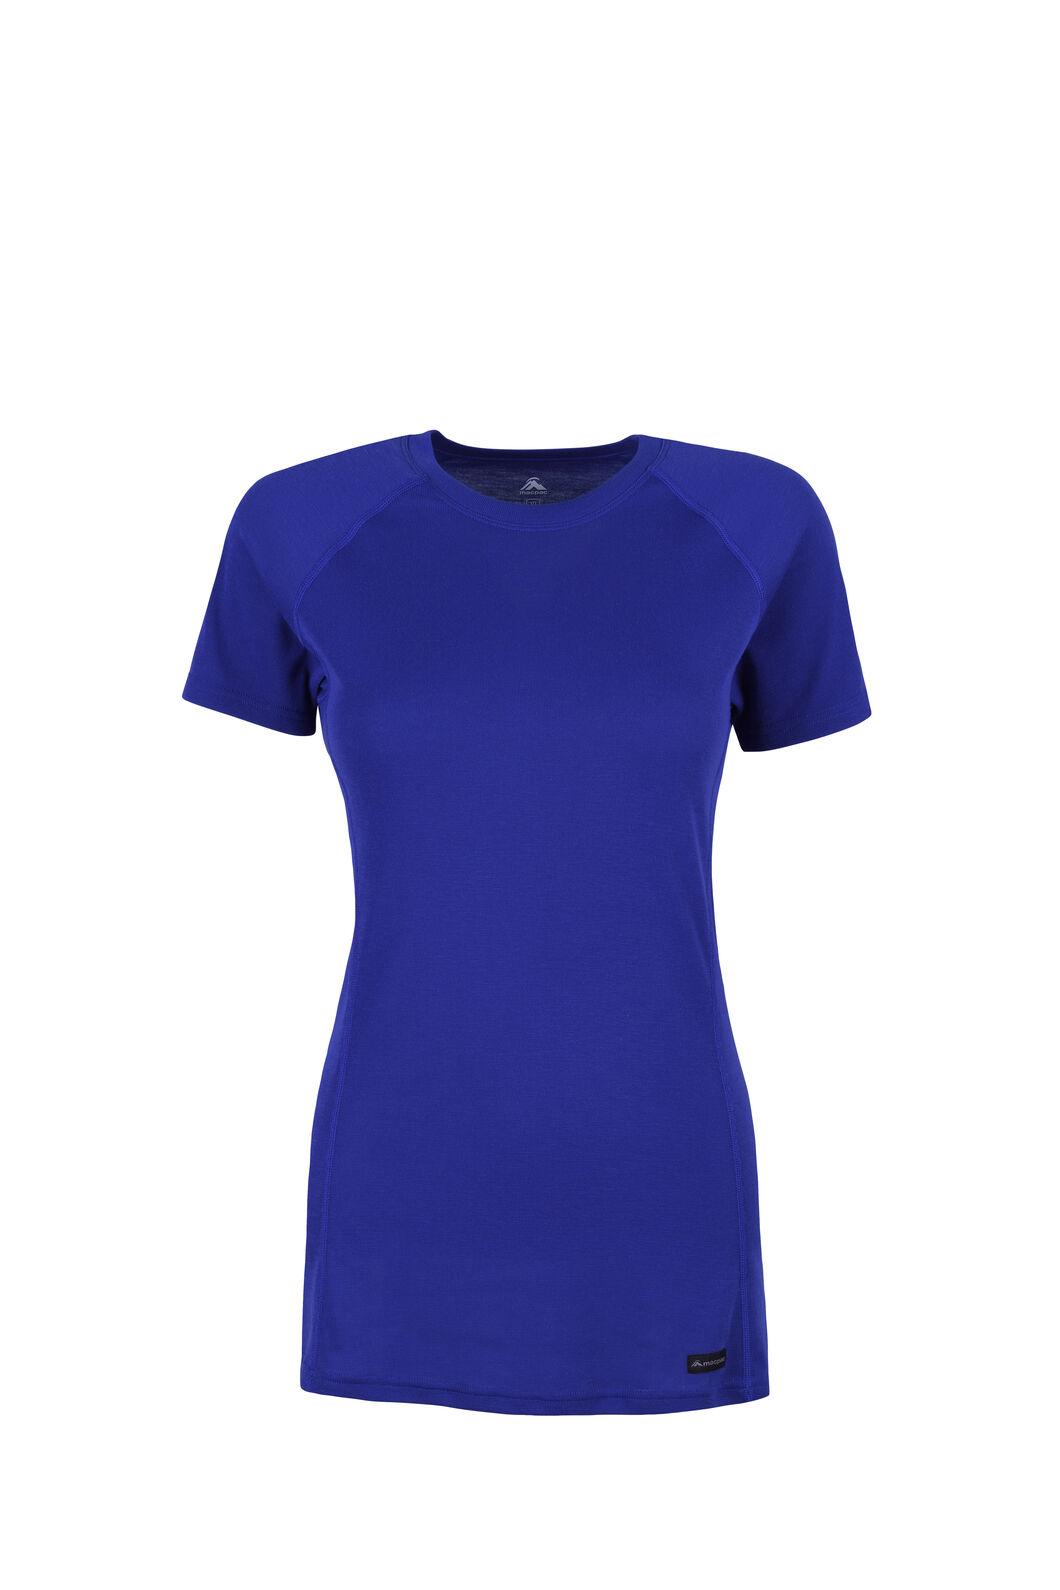 Macpac Geothermal Short Sleeve Top — Women's, Clematis Blue, hi-res